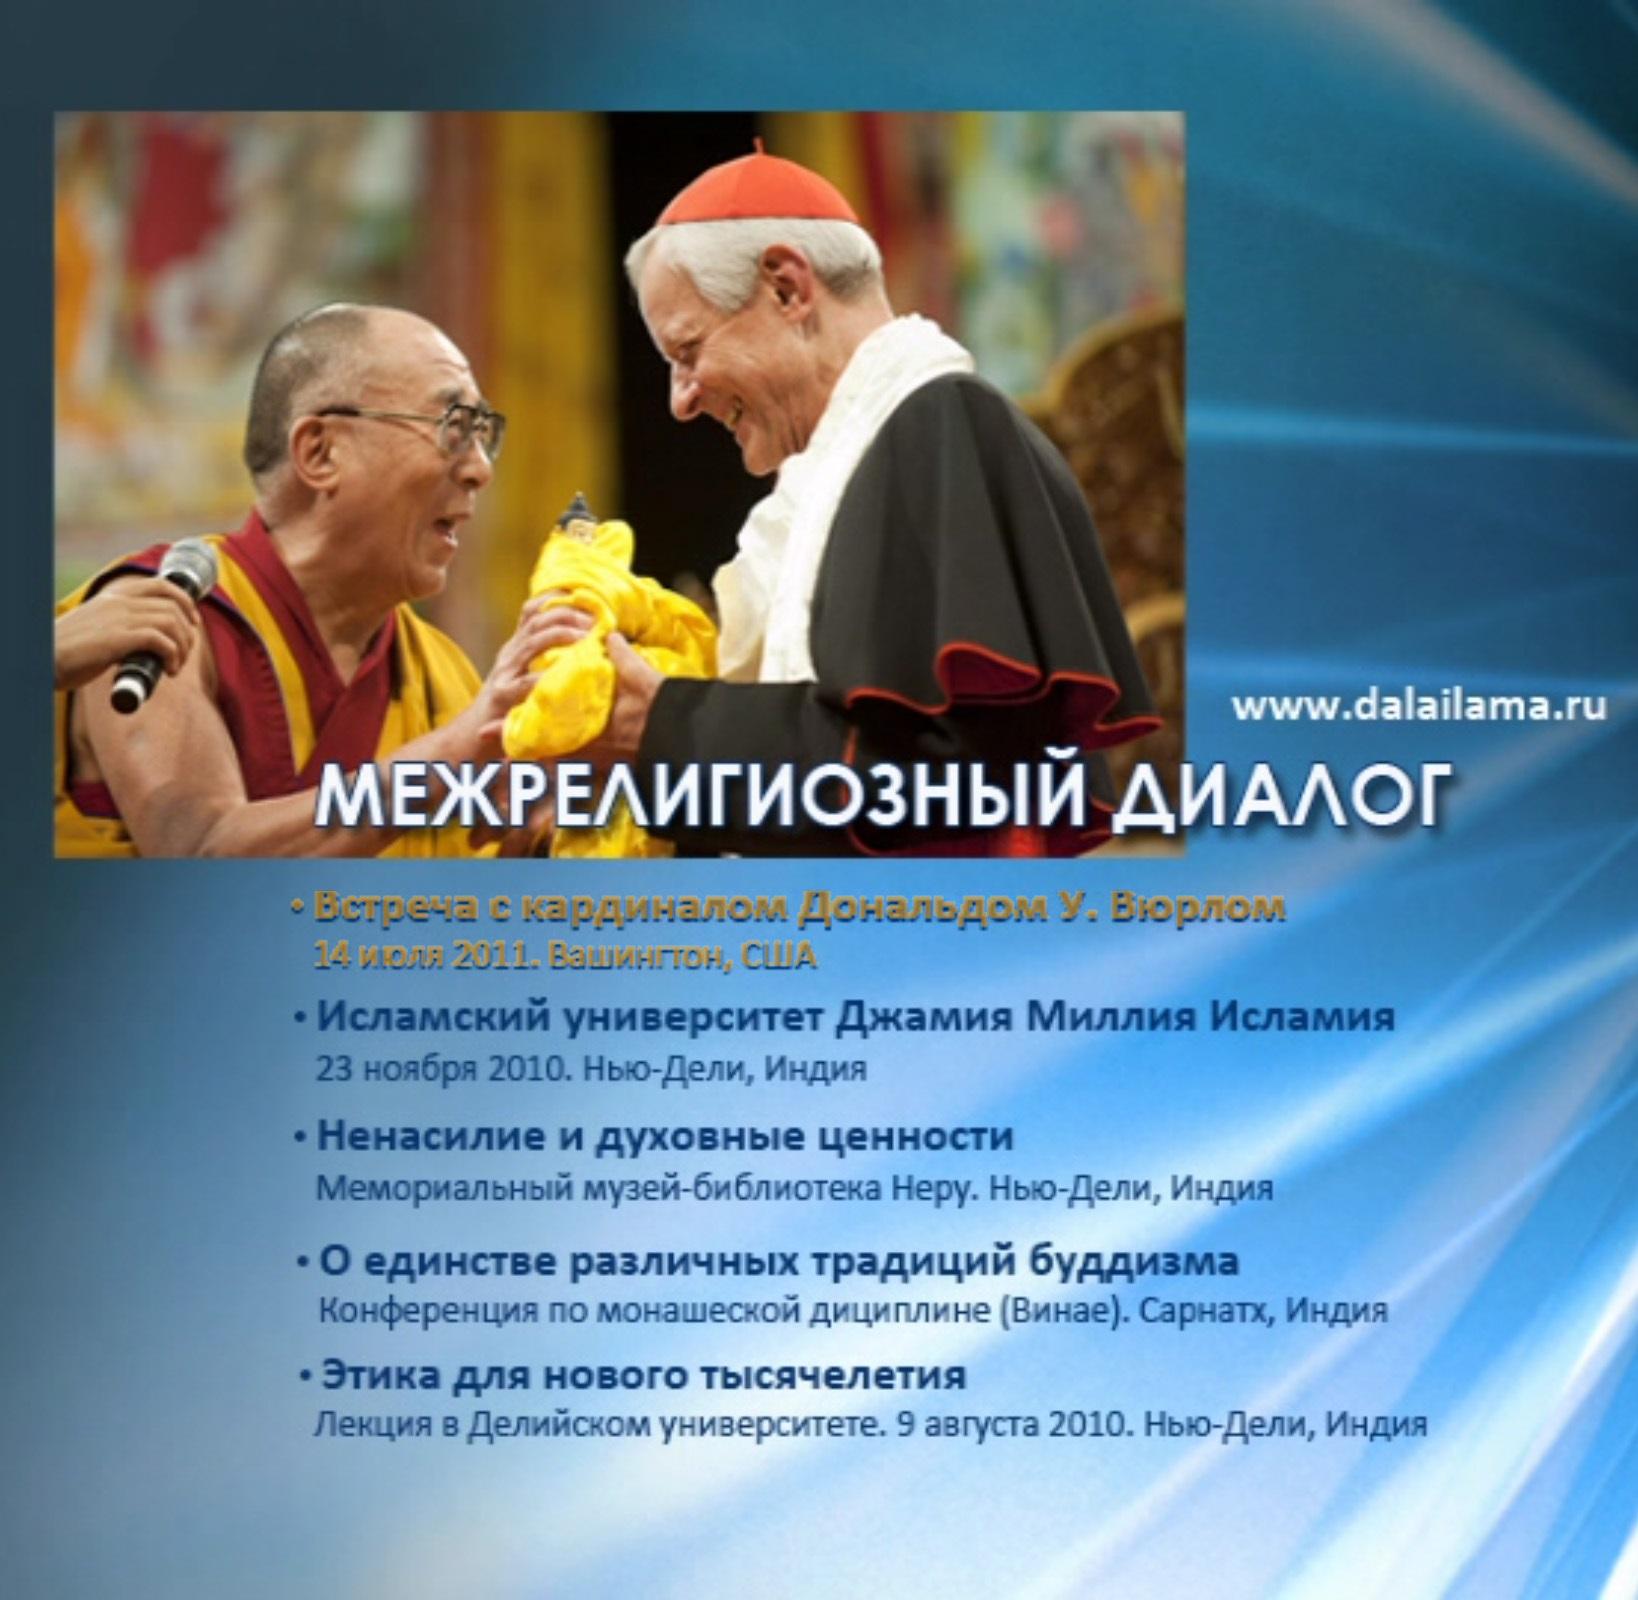 Далай-лама XIV Ненасилие и духовные ценности е и ядохина л с кудрявцева мемориальный музей квартира художника а м васнецова путеводитель